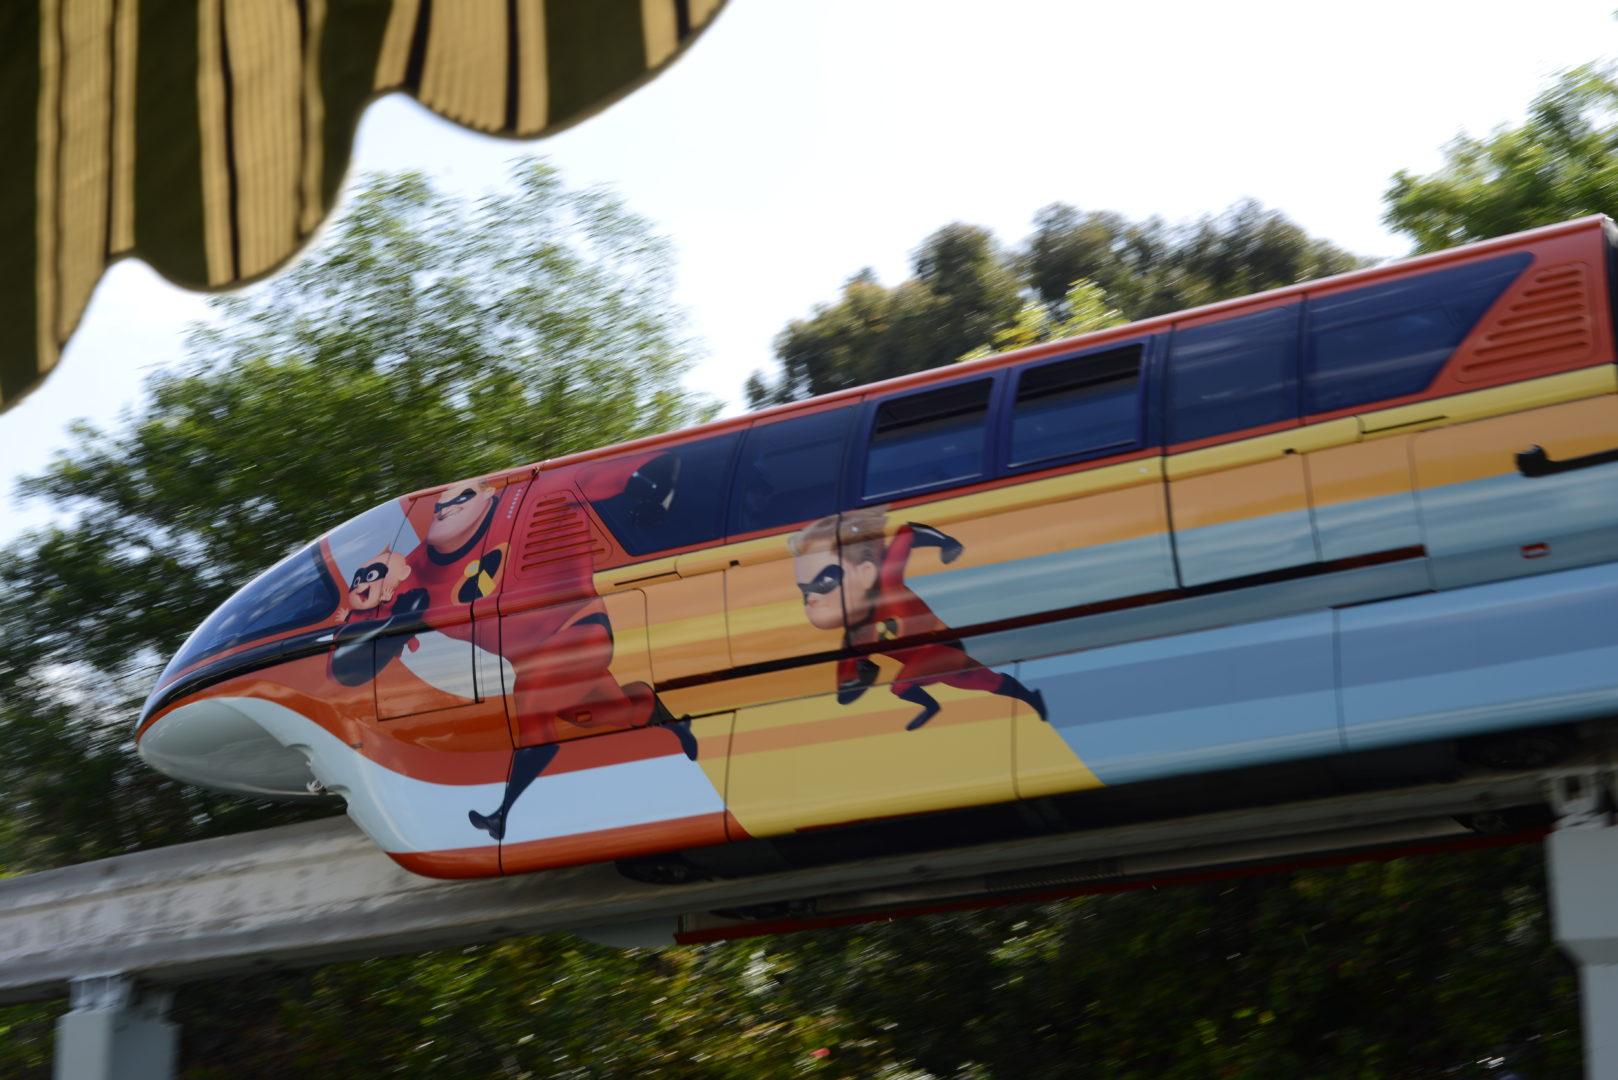 Incredibles Monorail at Disneyland's Pixar Fest